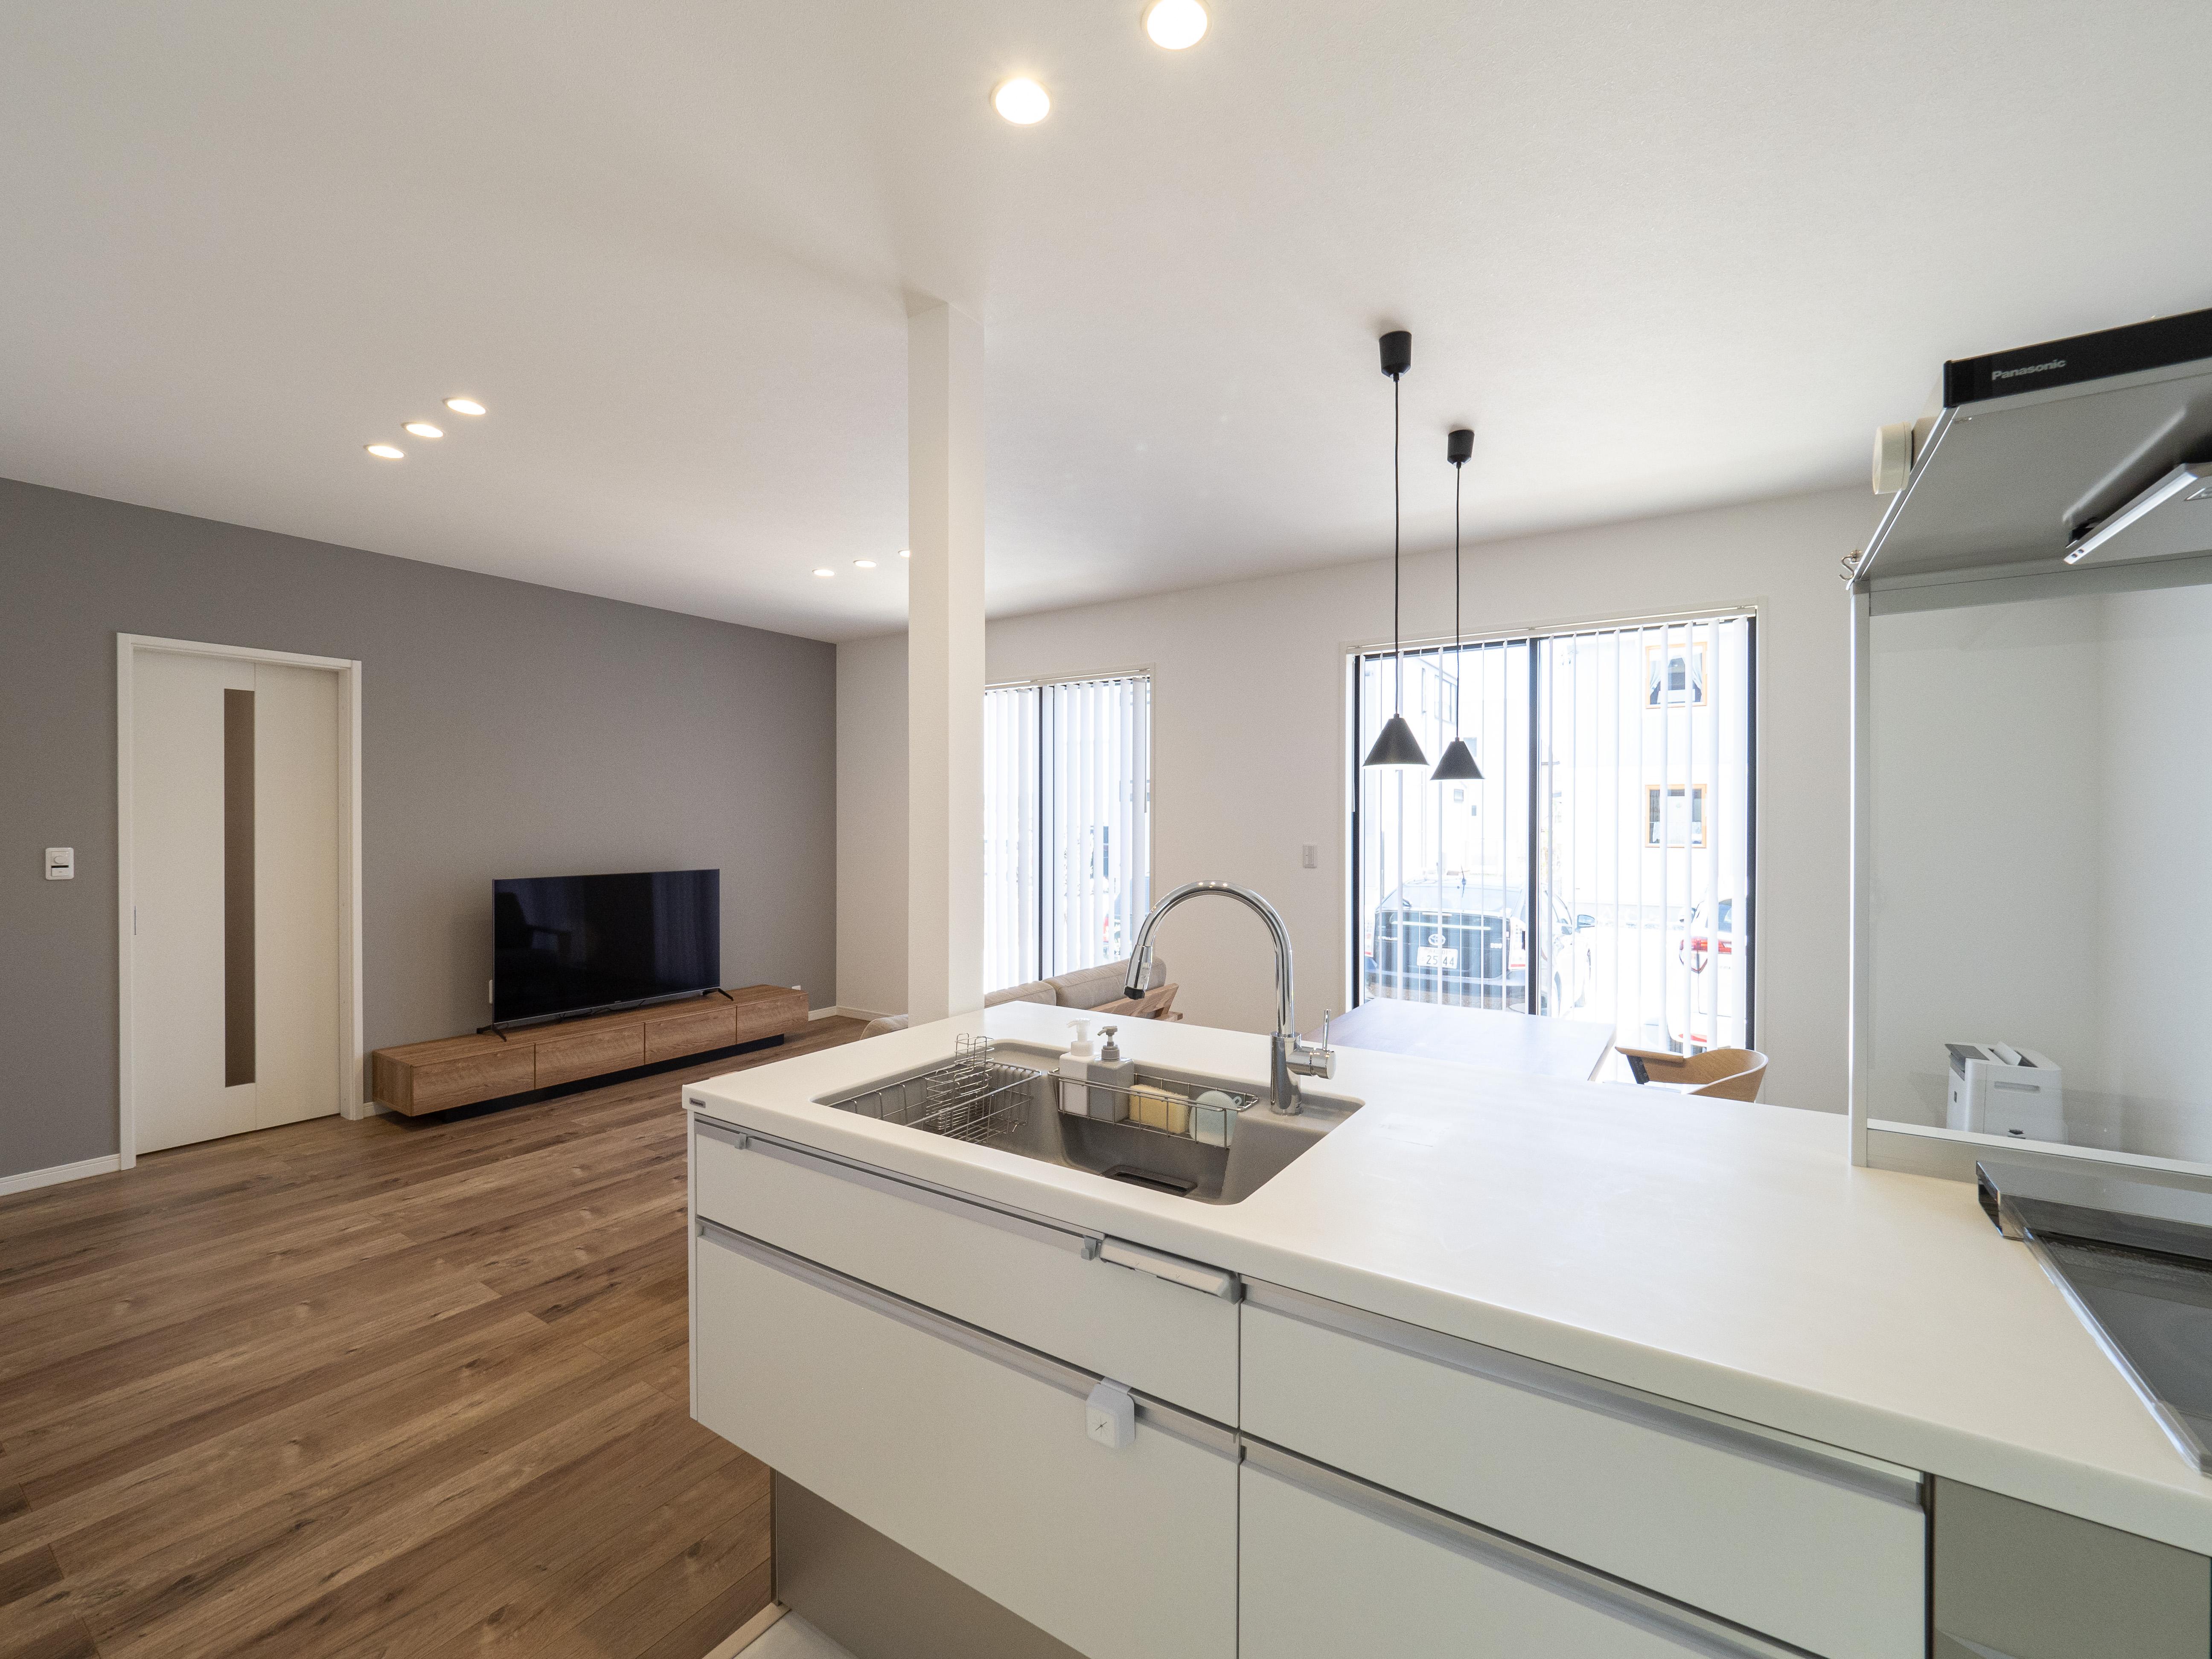 クレバリーホーム浜松東店【デザイン住宅、夫婦で暮らす、間取り】明るく清潔感があって気持ちの良い白で統一されたキッチン。オープンタイプのキッチンでコミュニケーションが弾む